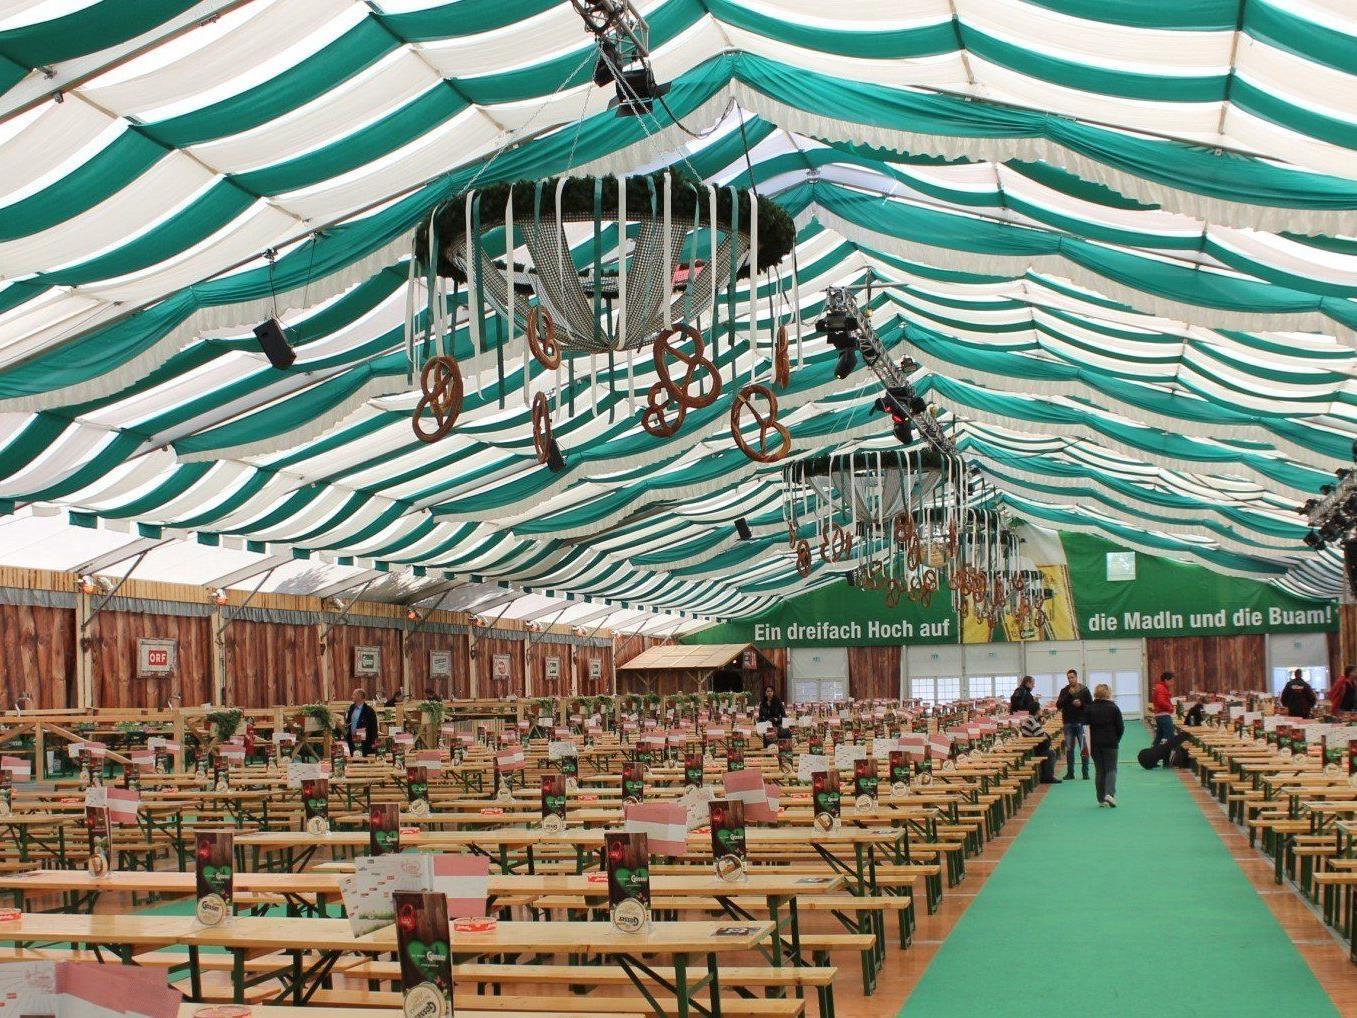 Die Wiener Wiesn 2013 hat zahlreiche Highlights zu bieten.